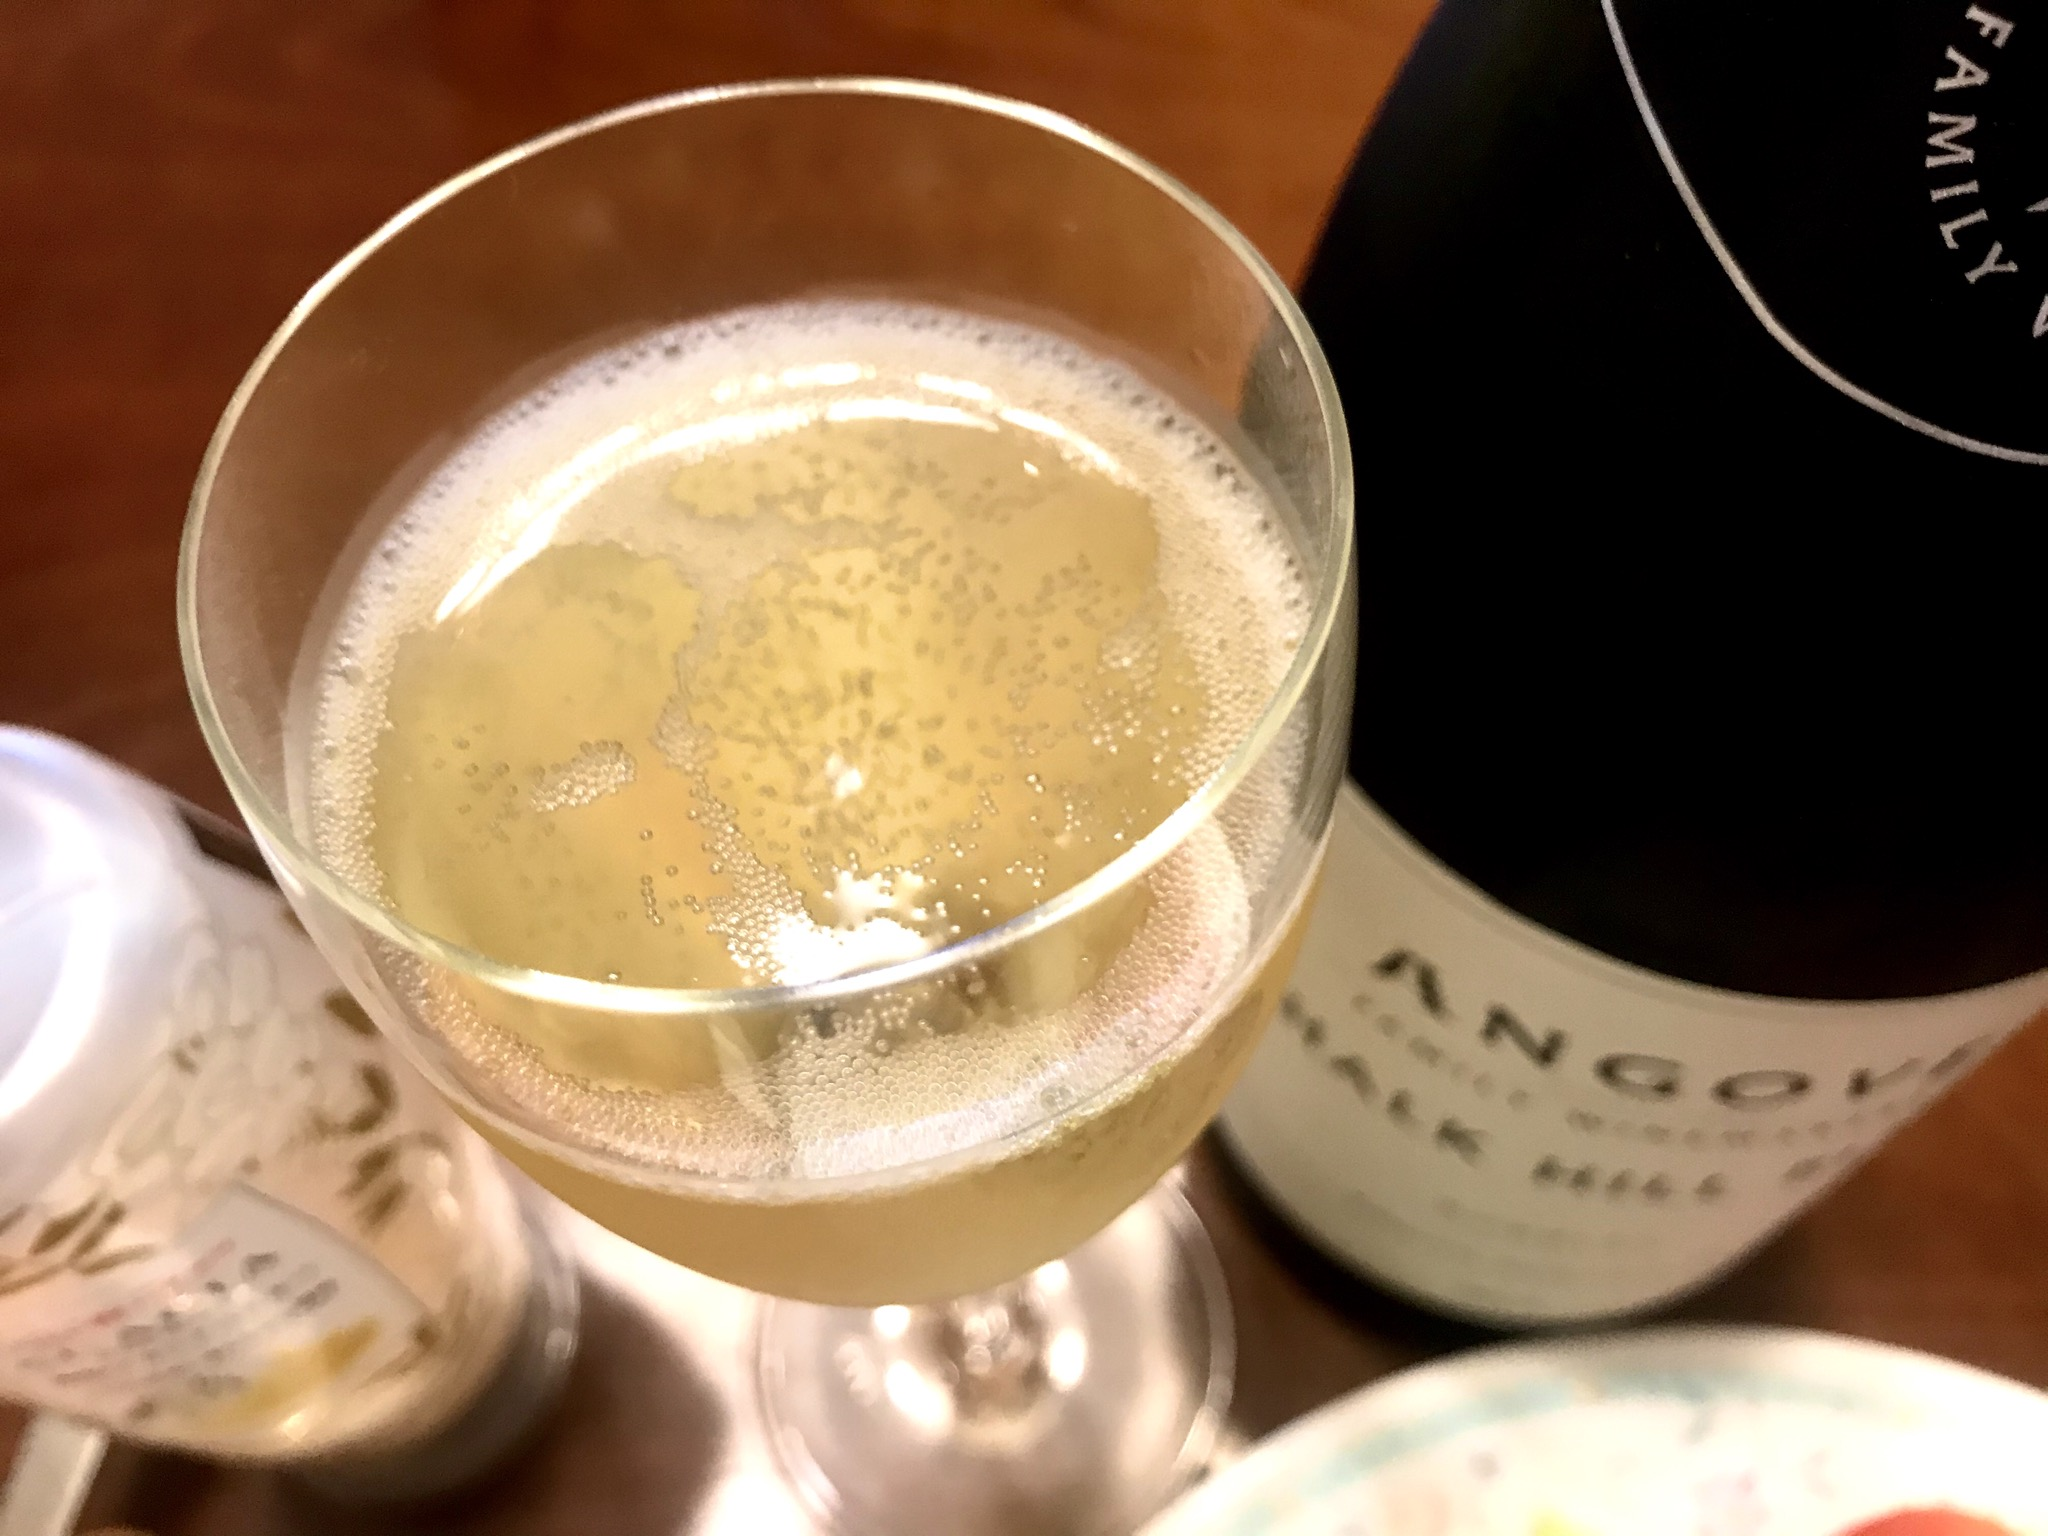 スパークリングワインでブランチ♪@下界の自宅にて_c0212604_10203945.jpg